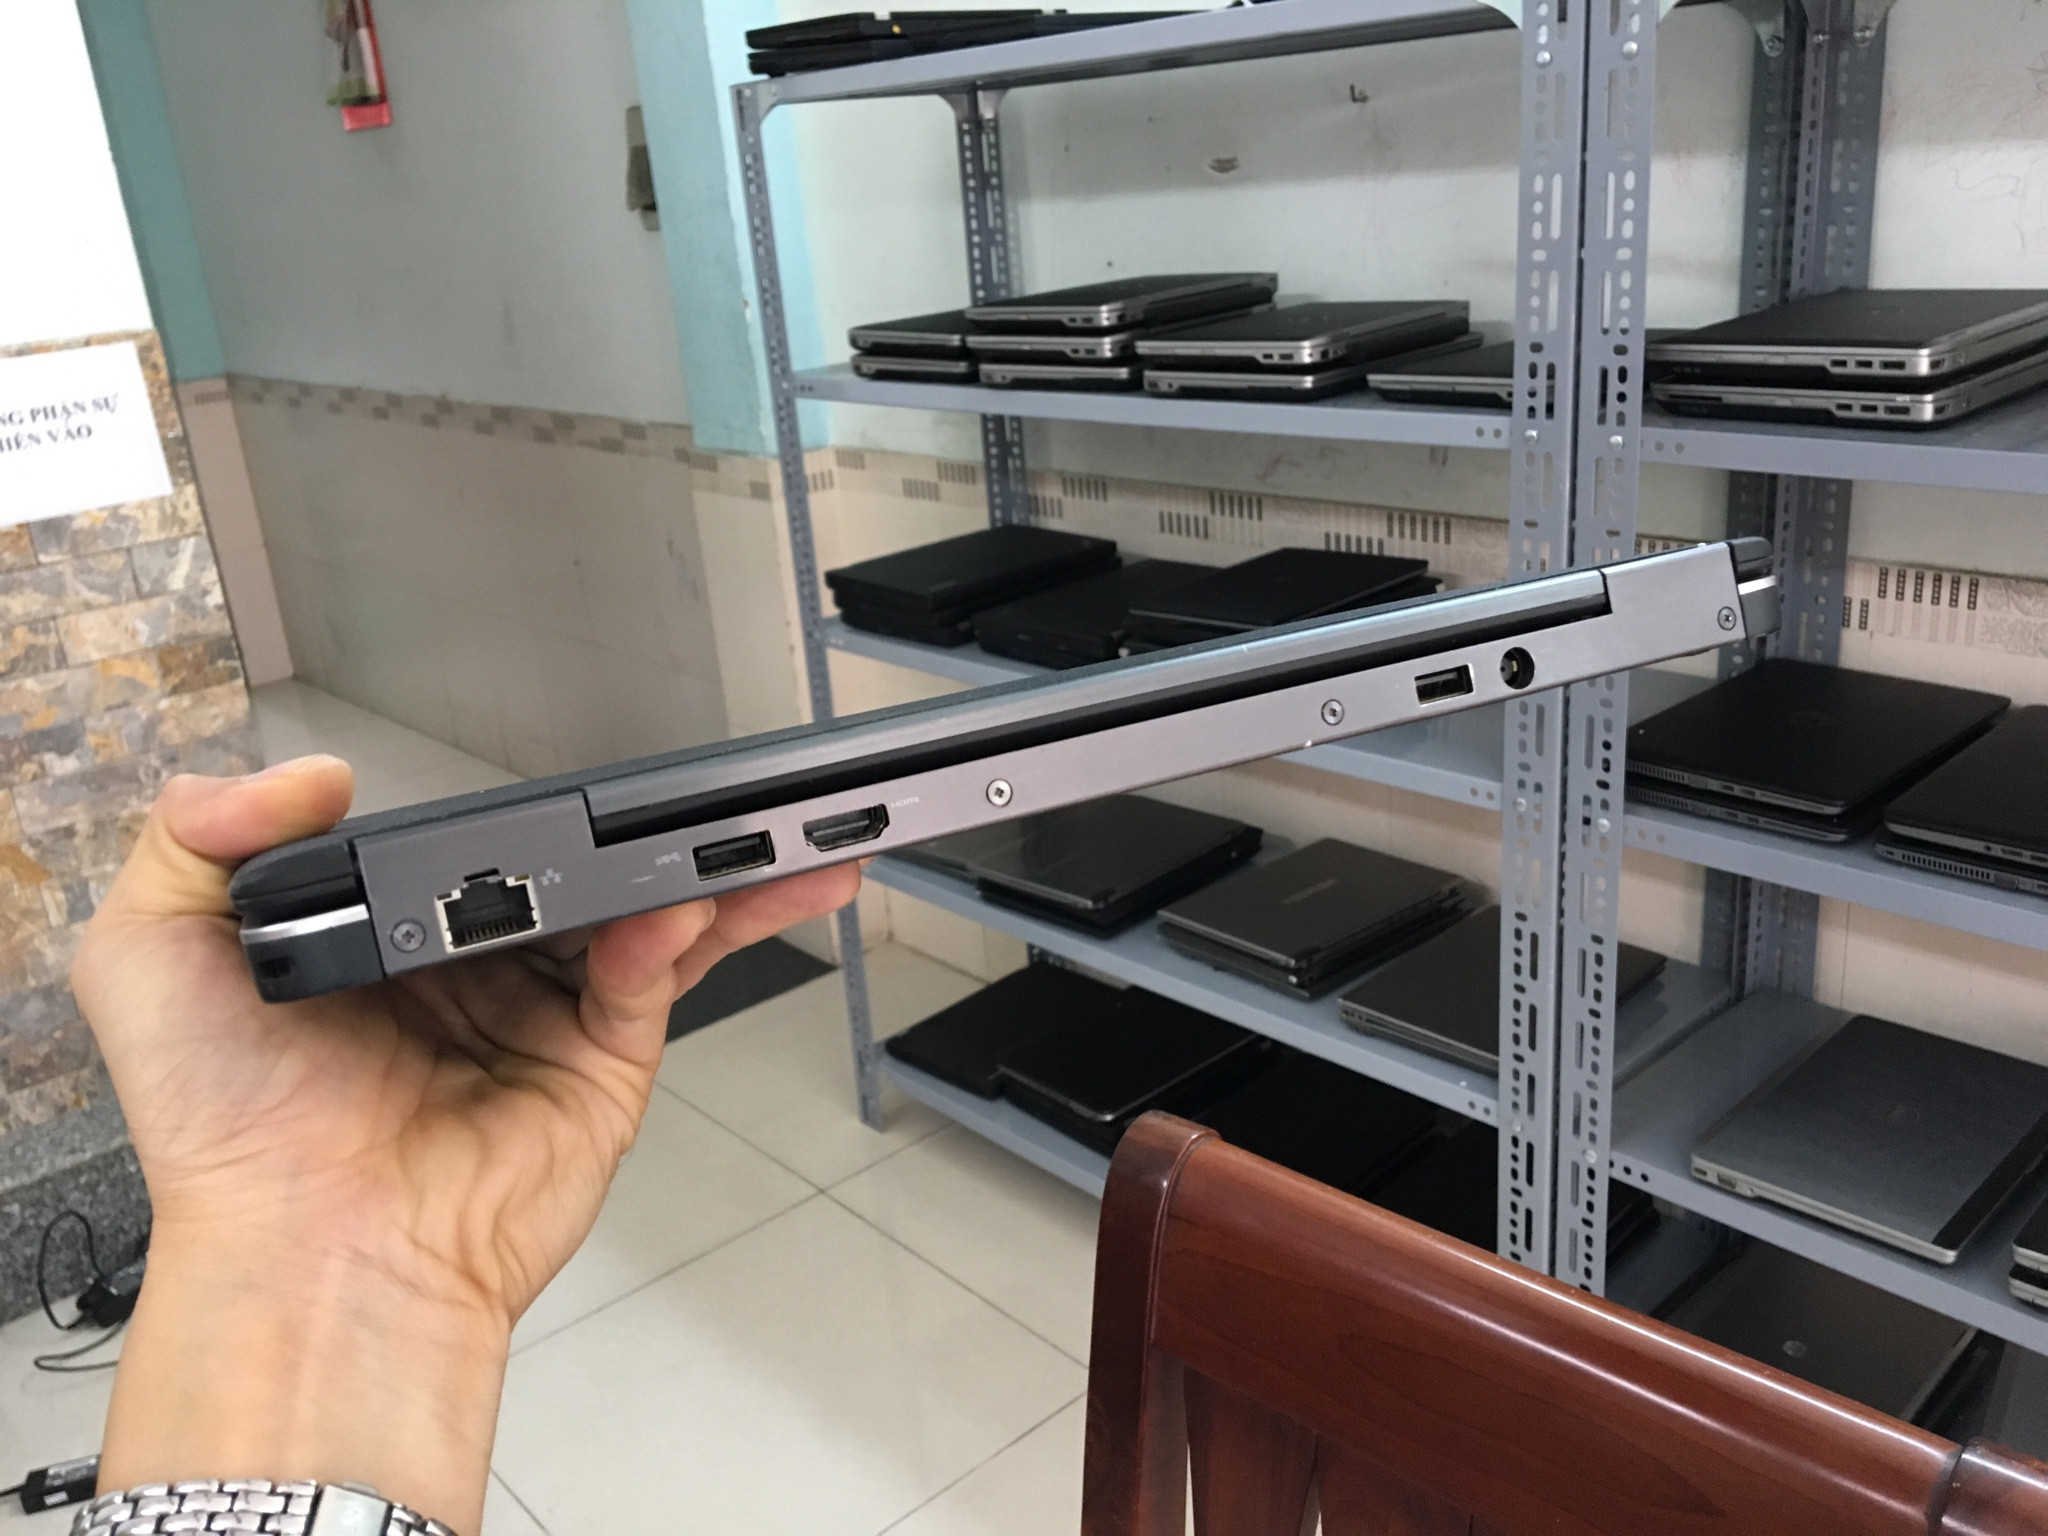 5 Thanh lý giá rẻ ultrabook dell latitude E7240 màn hình cảm ứng fullhd i7